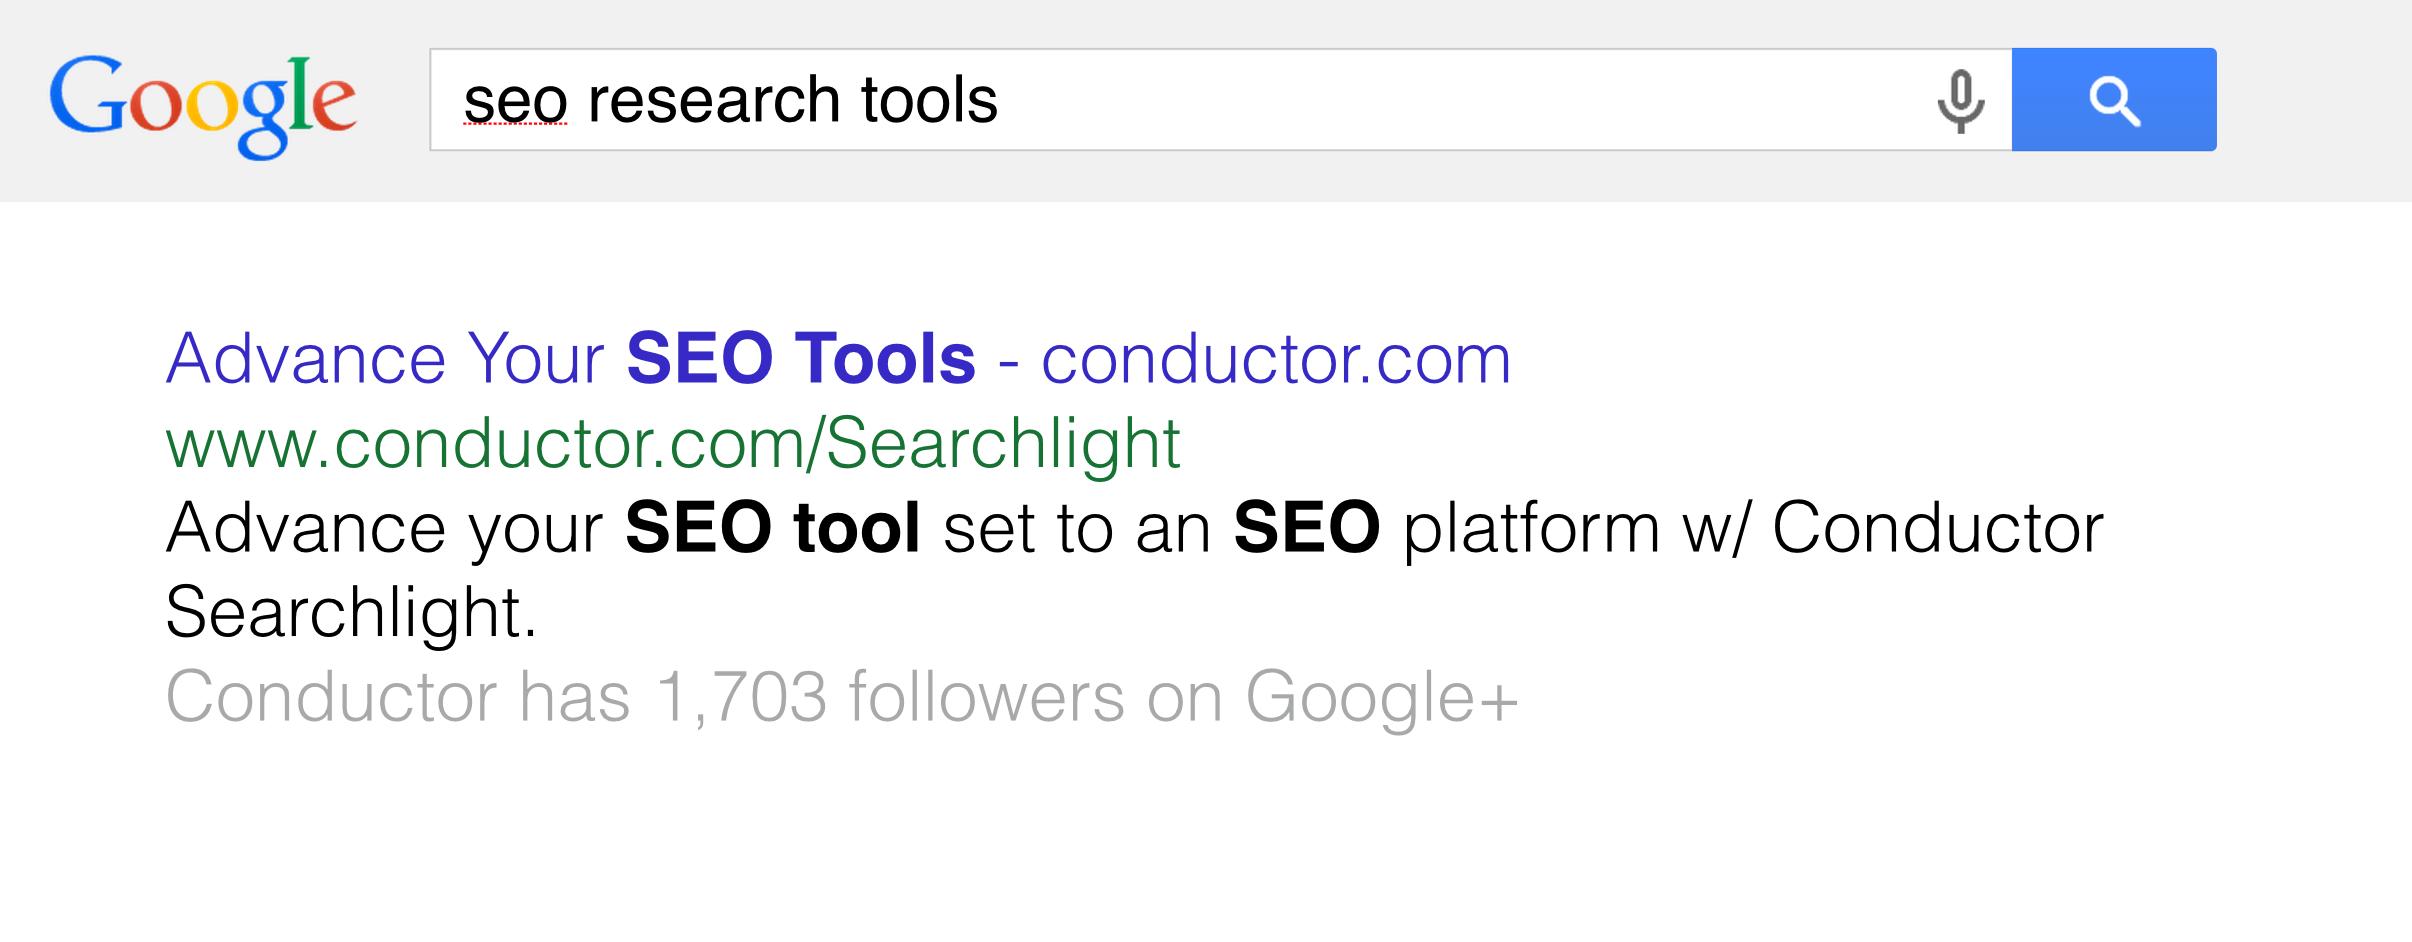 seo-tools-ad.png